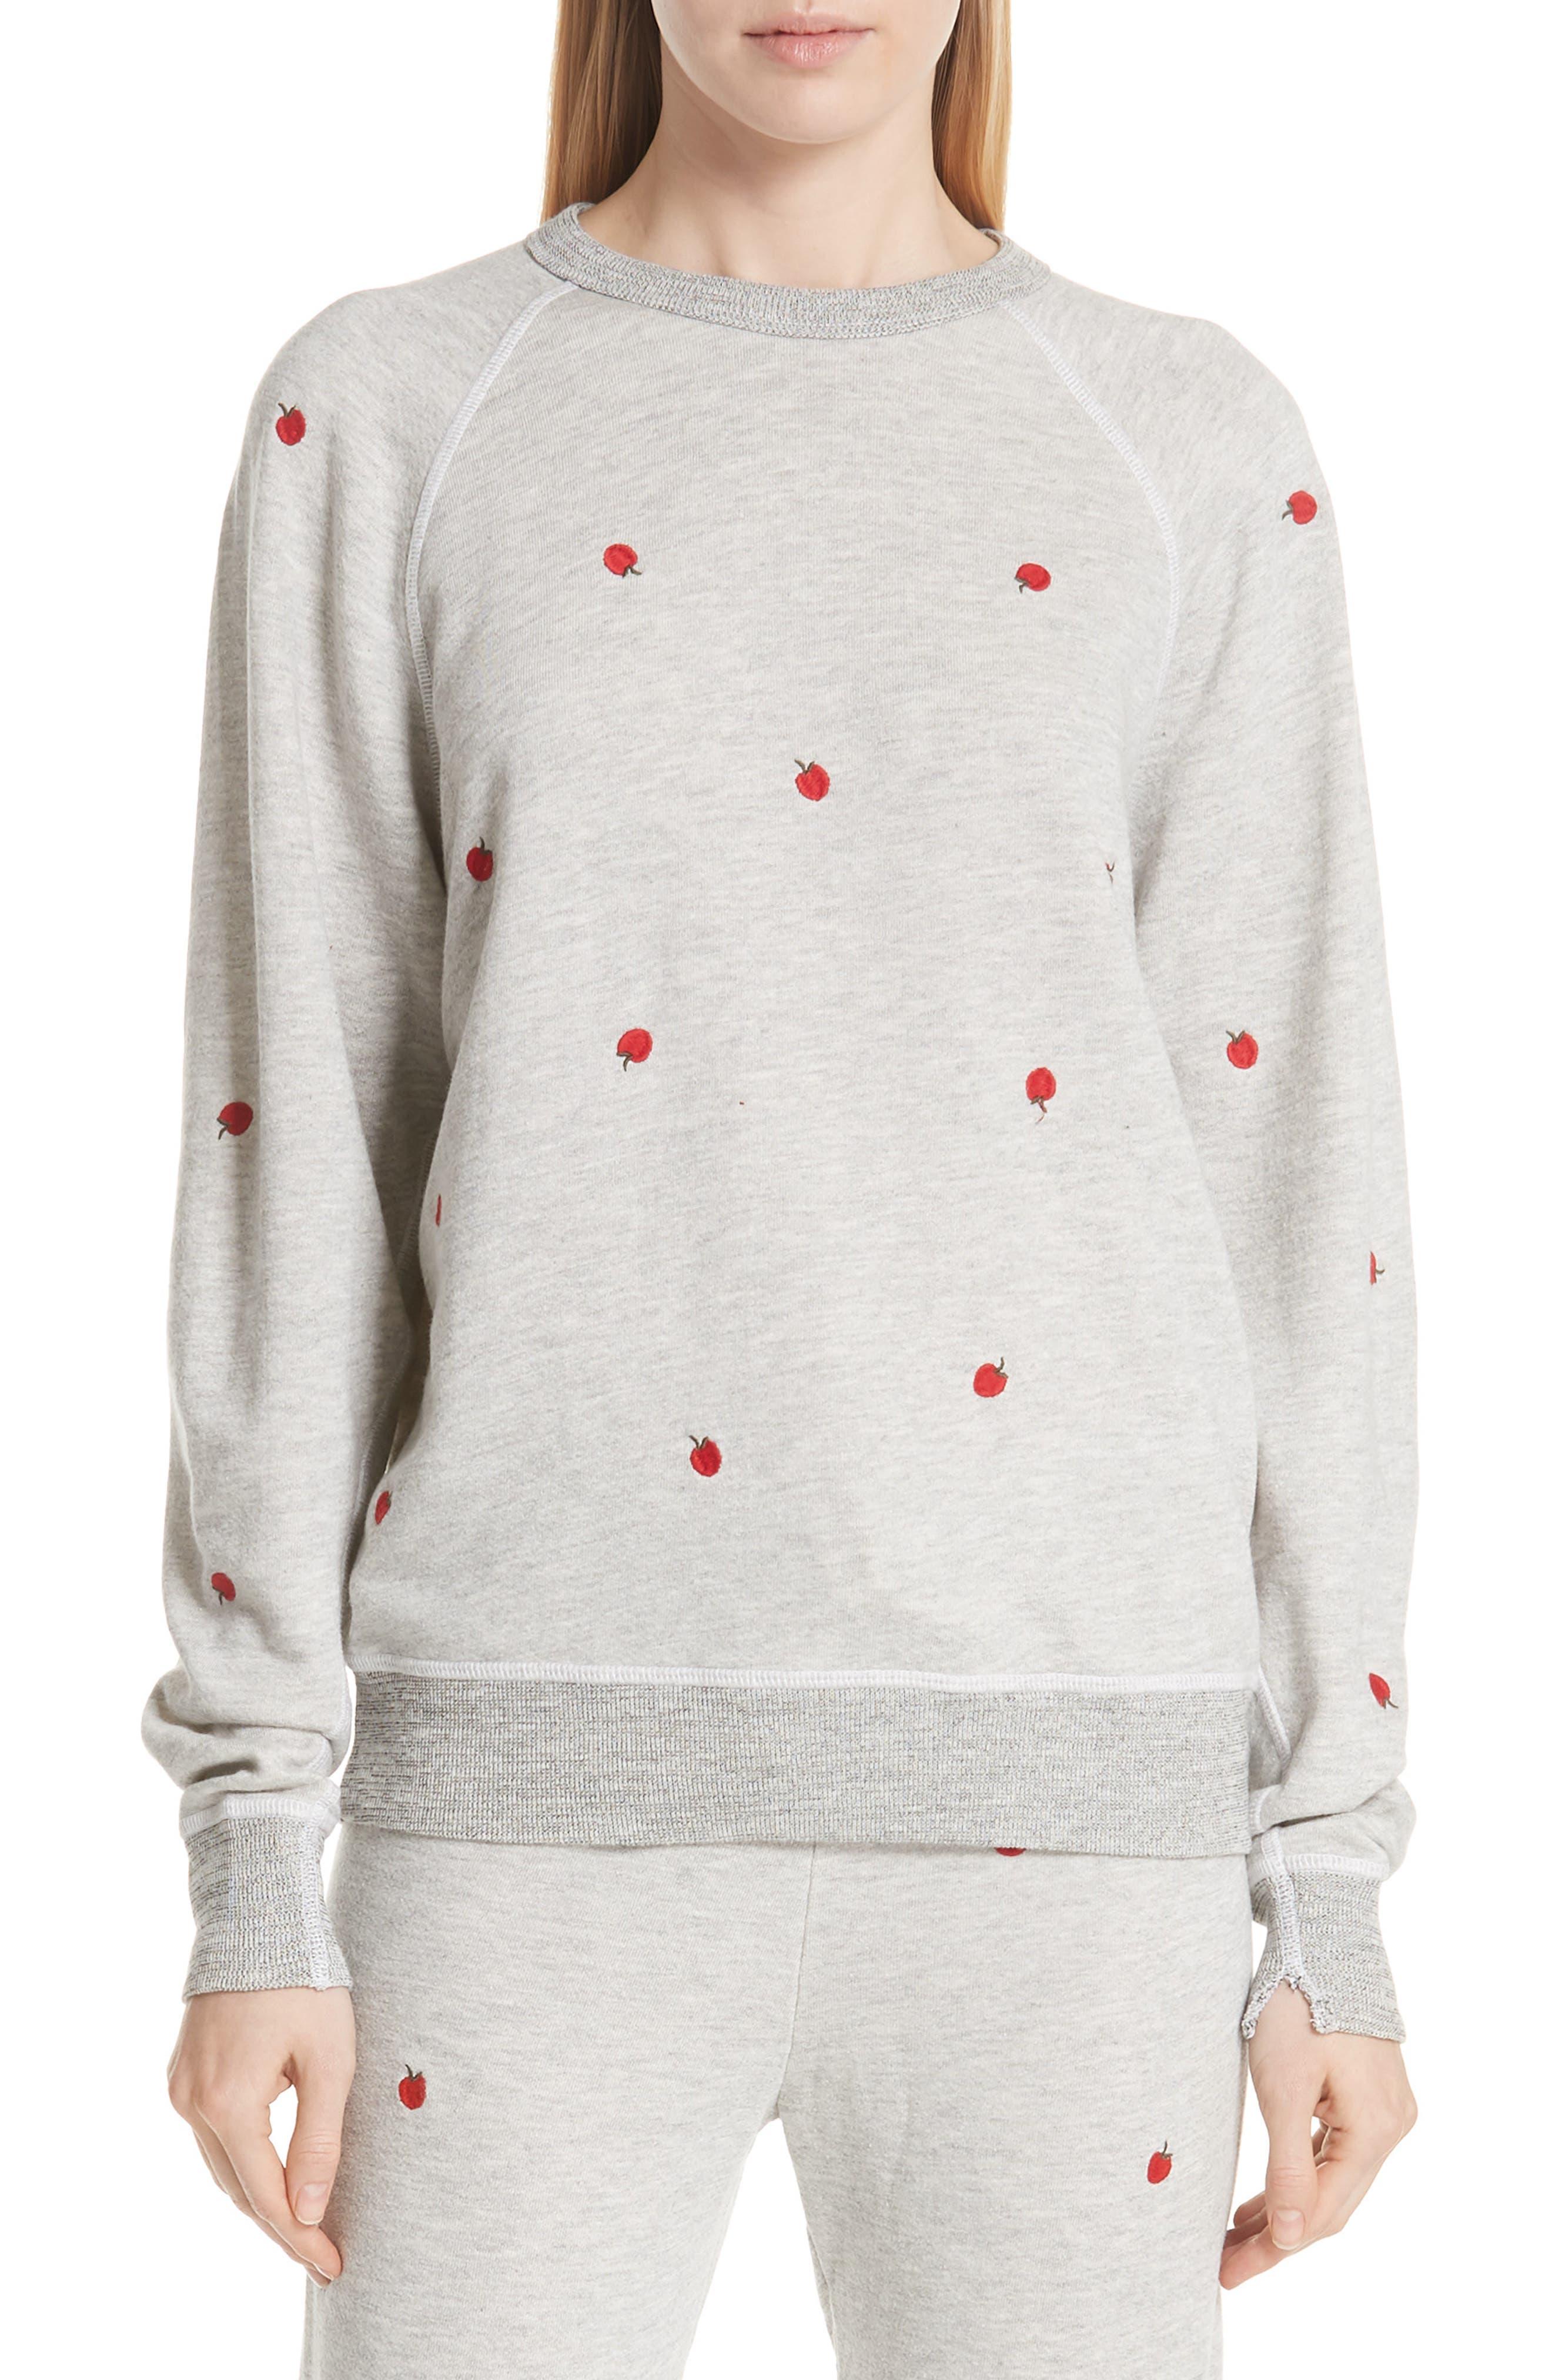 THE GREAT. College Sweatshirt